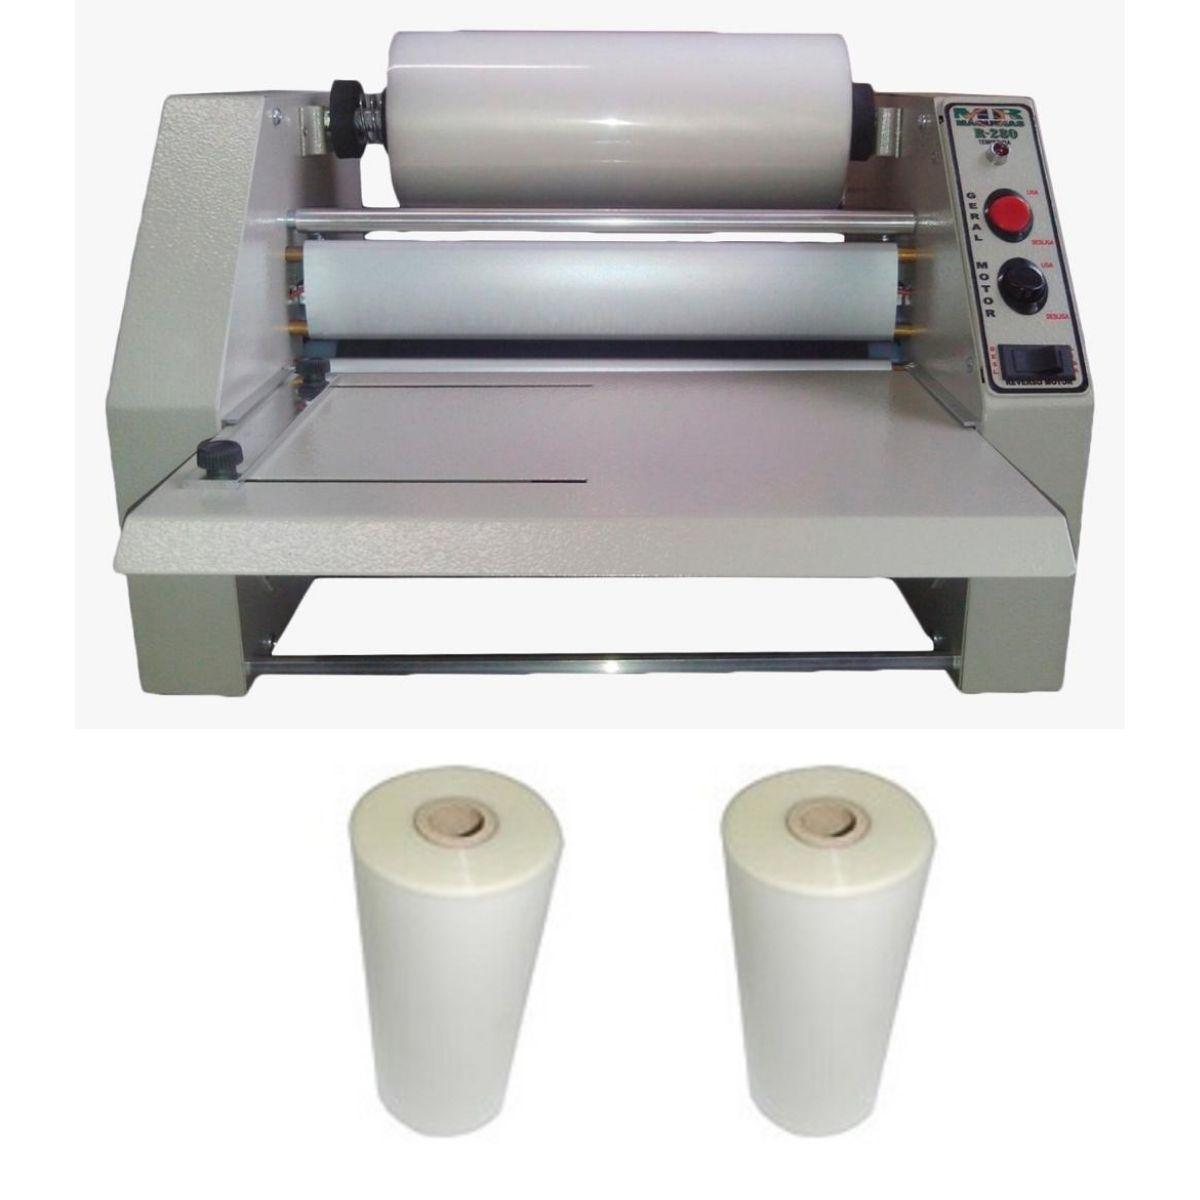 Kit Plastificadora Rotativa Oficio R280 + 2 Bobinas 23cm  - Click Suprimentos